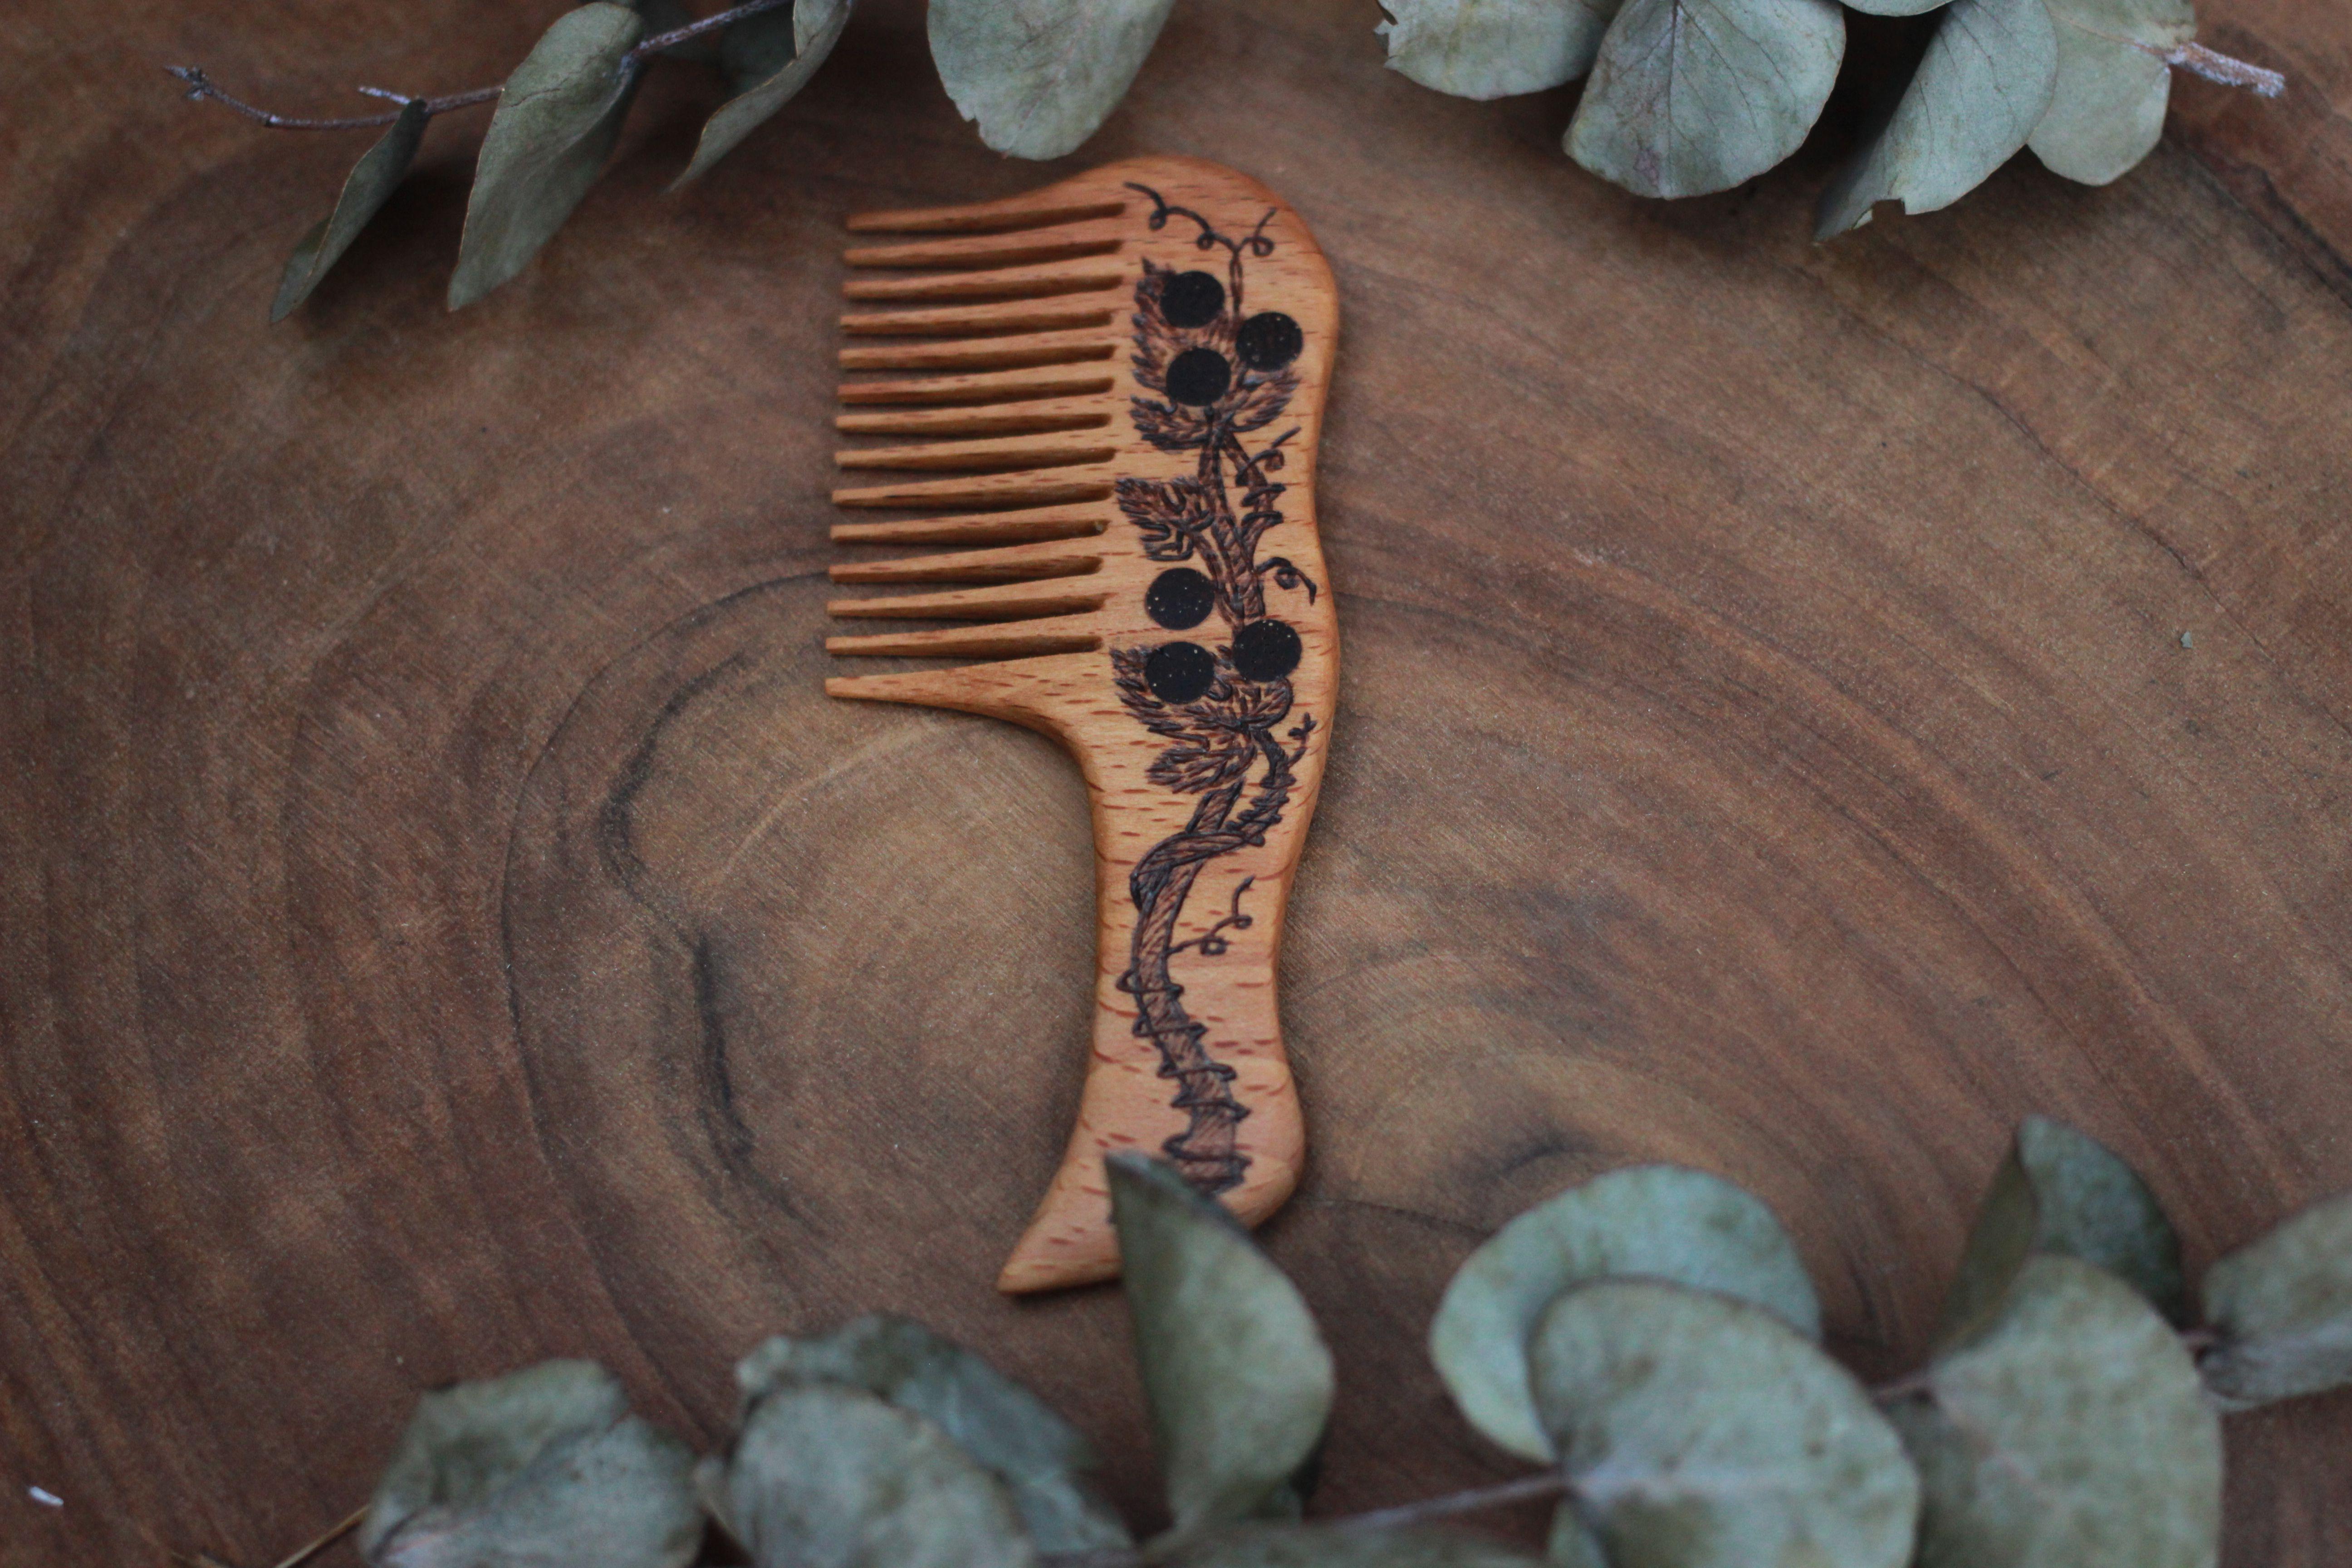 девочке выжигание девушке расчёска дерево дляволос ручная подарок женщине резьба